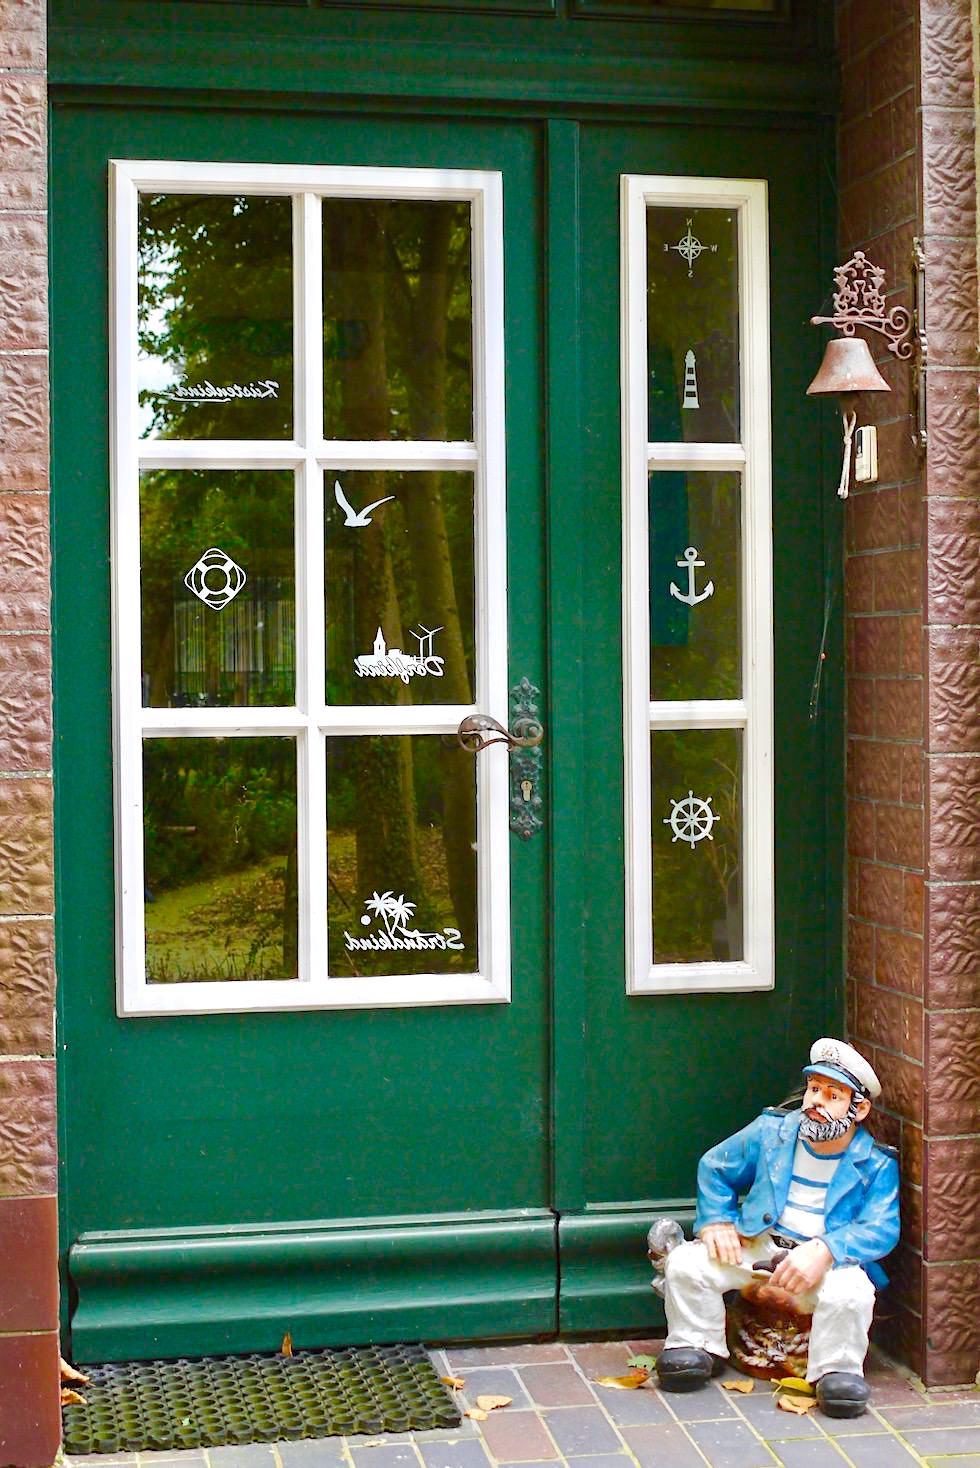 Schönes Rysum - Schmucke Eingangstüren - Warfendörfer der Krummhörn - Ostfriesland